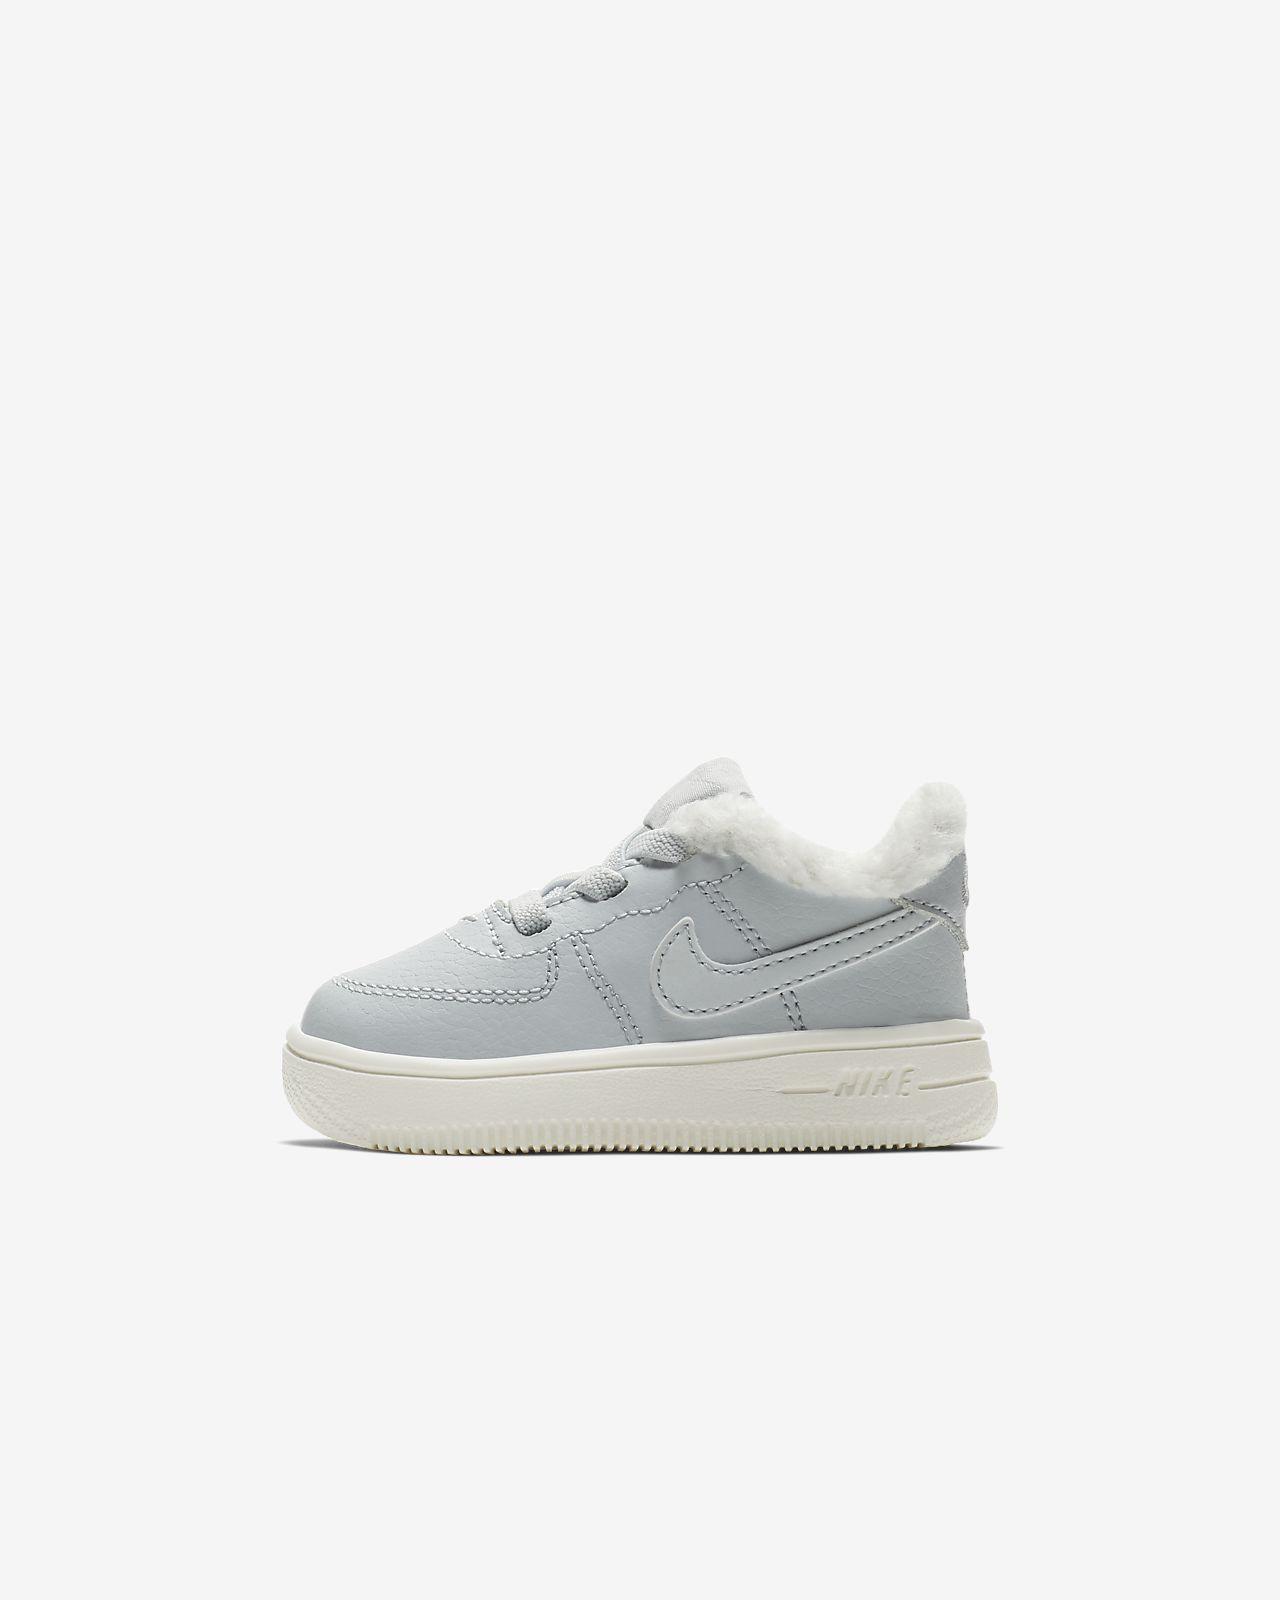 Sko Nike Force 1 SE för baby/små barn